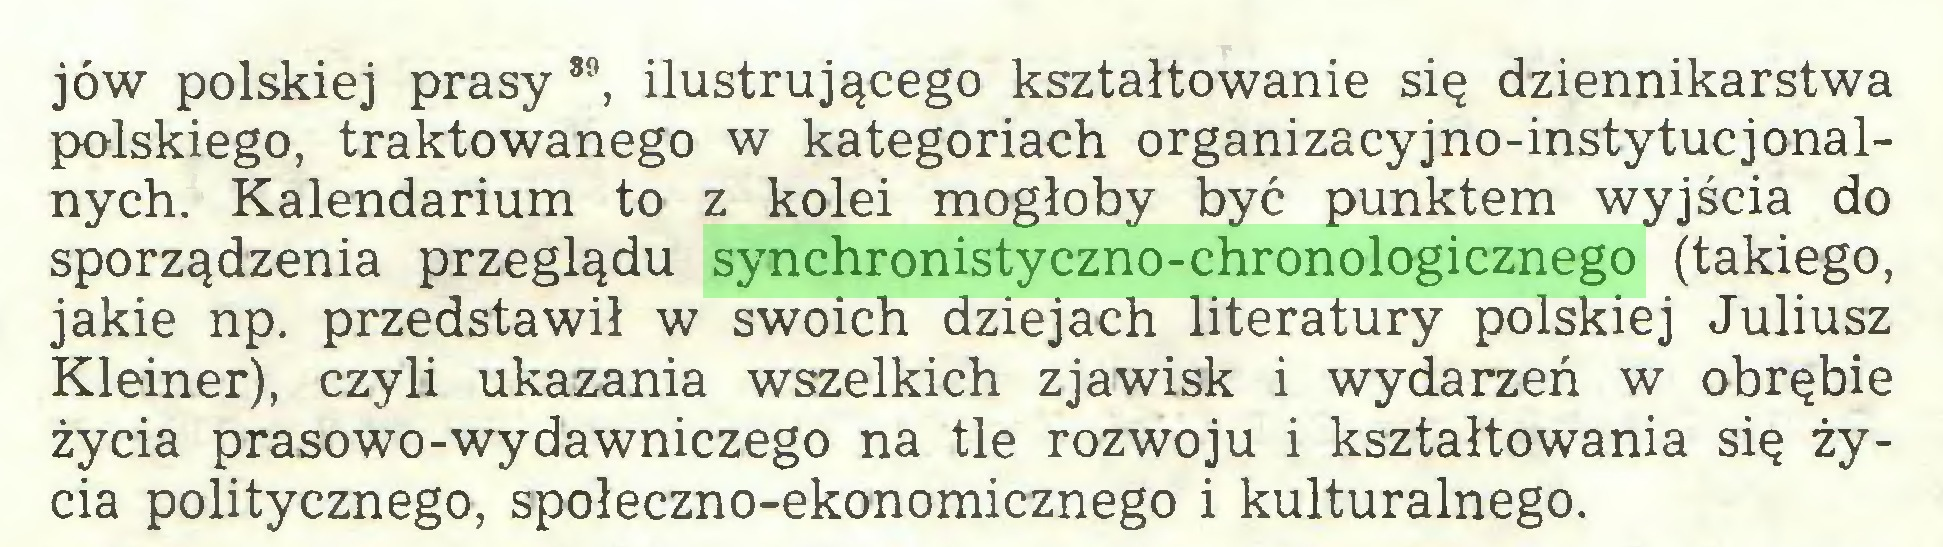 (...) jów polskiej prasy 89, ilustrującego kształtowanie się dziennikarstwa polskiego, traktowanego w kategoriach organizacyjno-instytucjonalnych. Kalendarium to z kolei mogłoby być punktem wyjścia do sporządzenia przeglądu synchronistyczno-chronologicznego (takiego, jakie np. przedstawił w swoich dziejach literatury polskiej Juliusz Kleiner), czyli ukazania wszelkich zjawisk i wydarzeń w obrębie życia prasowo-wydawniczego na tle rozwoju i kształtowania się życia politycznego, społeczno-ekonomicznego i kulturalnego...